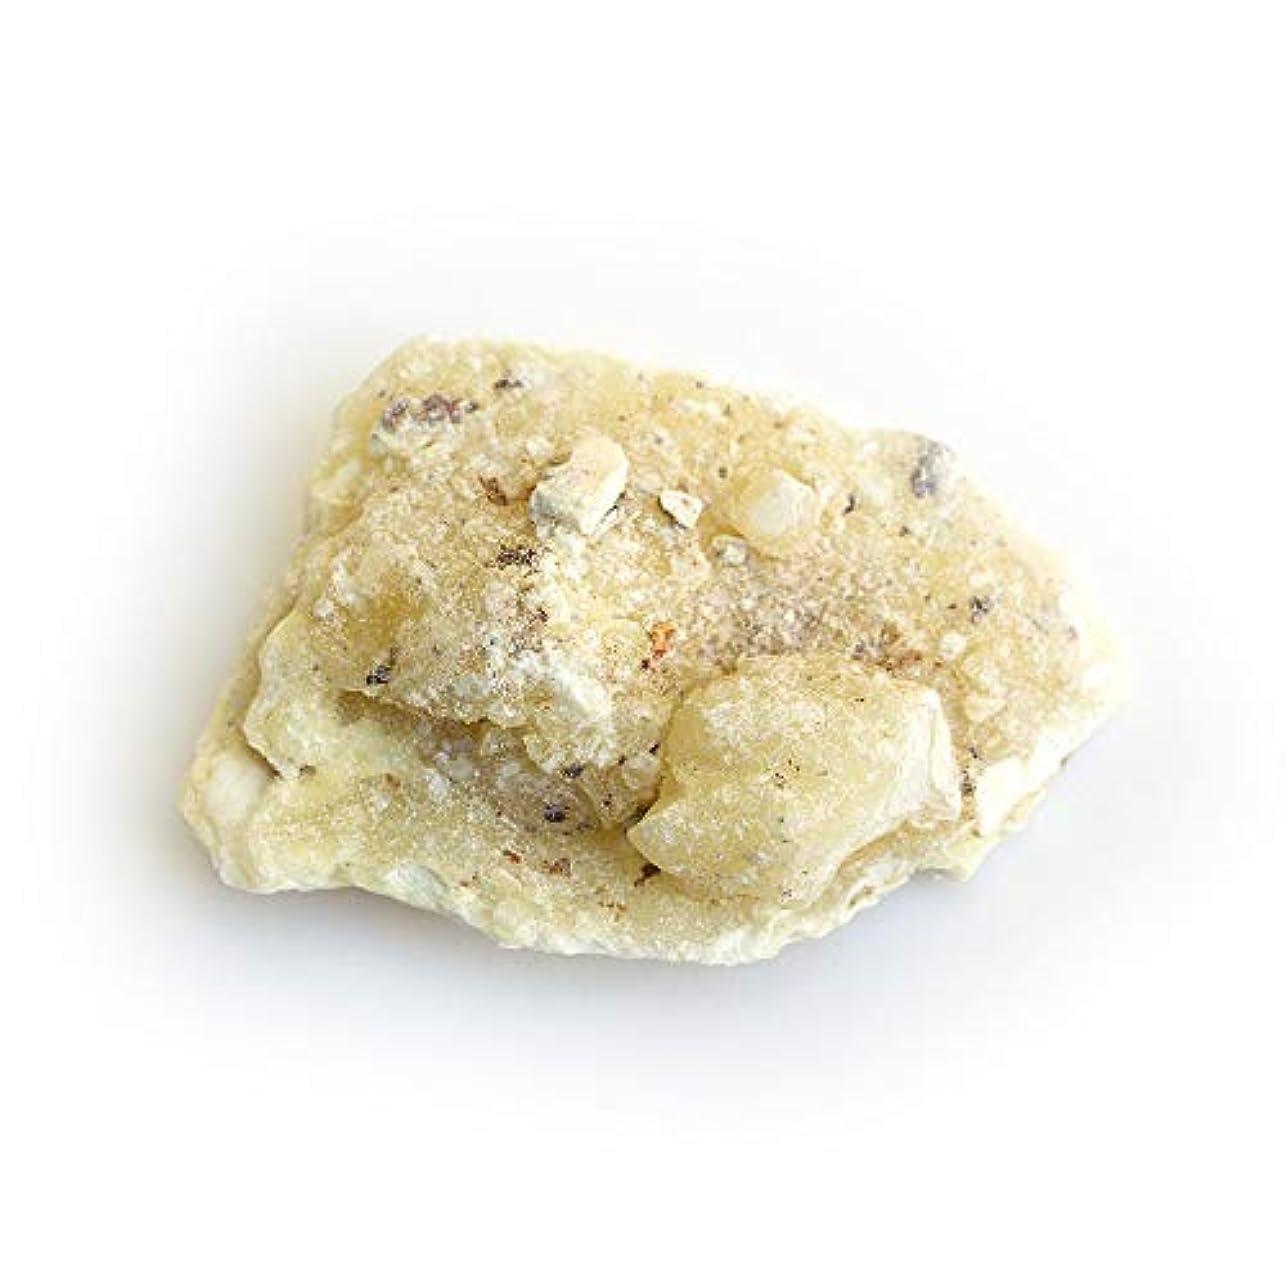 トラブルトレイ肉腫Mynagold 有機ホワイトコーパル 聖なるお香 樹脂 45G (1.5オンス)